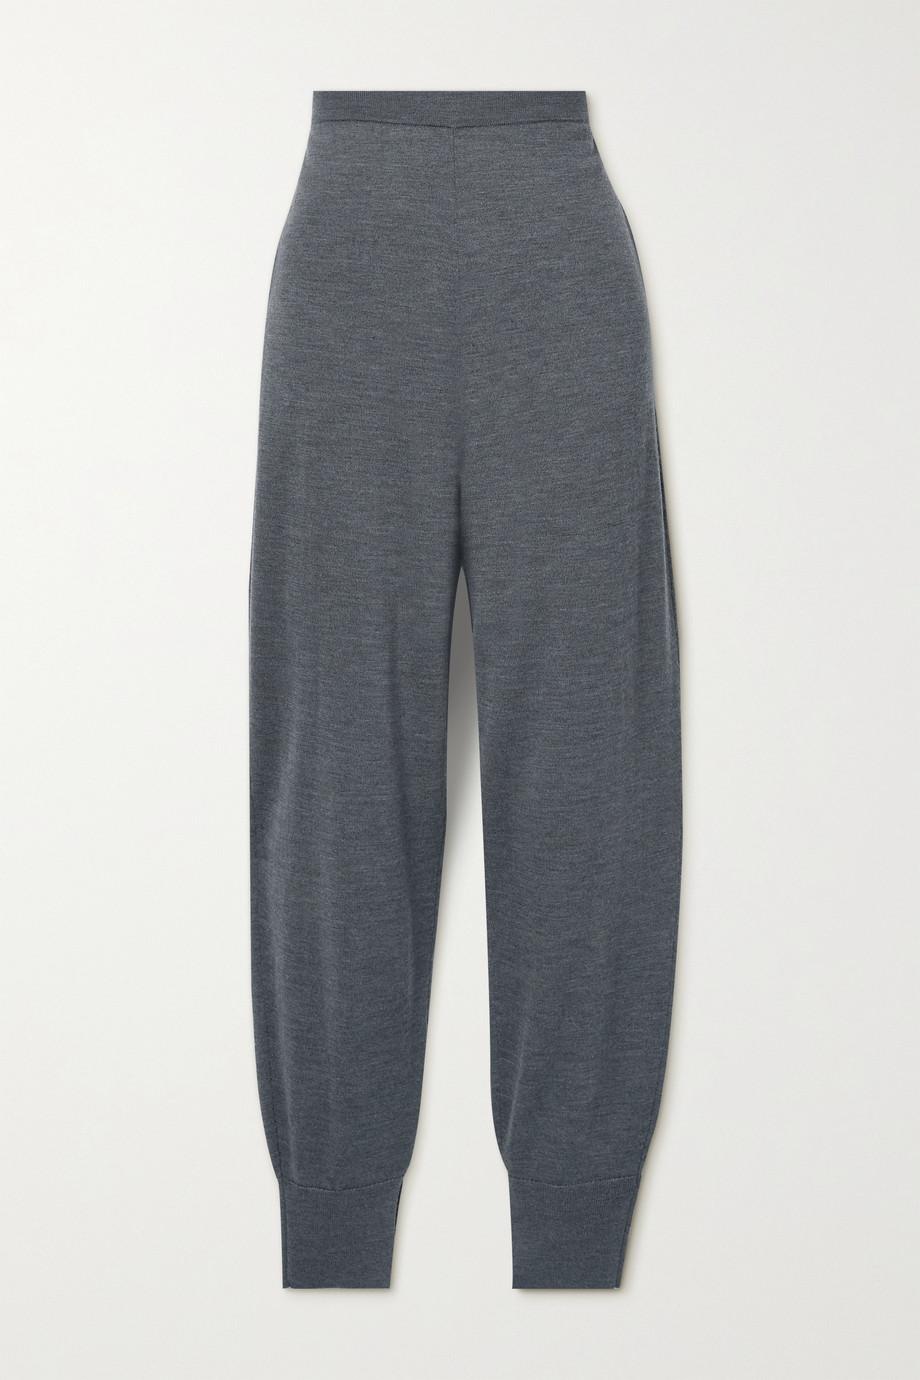 Theory Pantalon de survêtement en laine mérinos